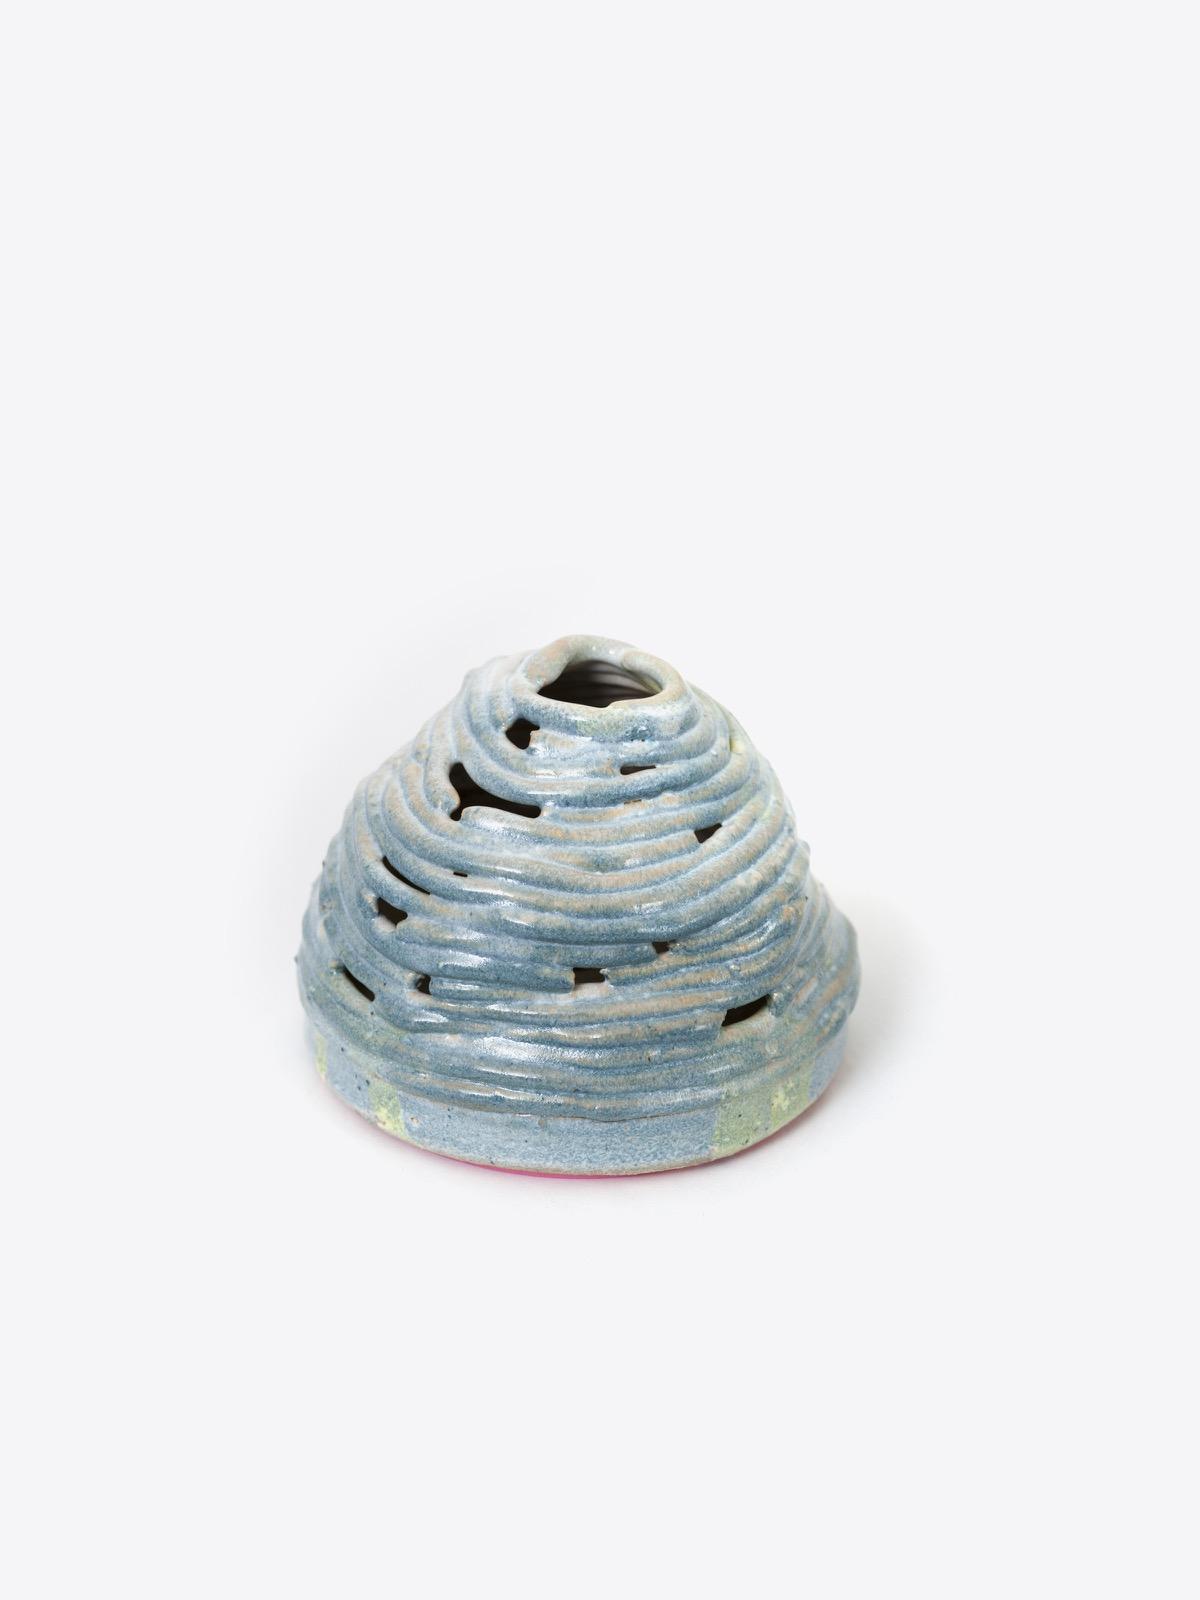 airbag craftworks vinyl puck - david rauer | 010